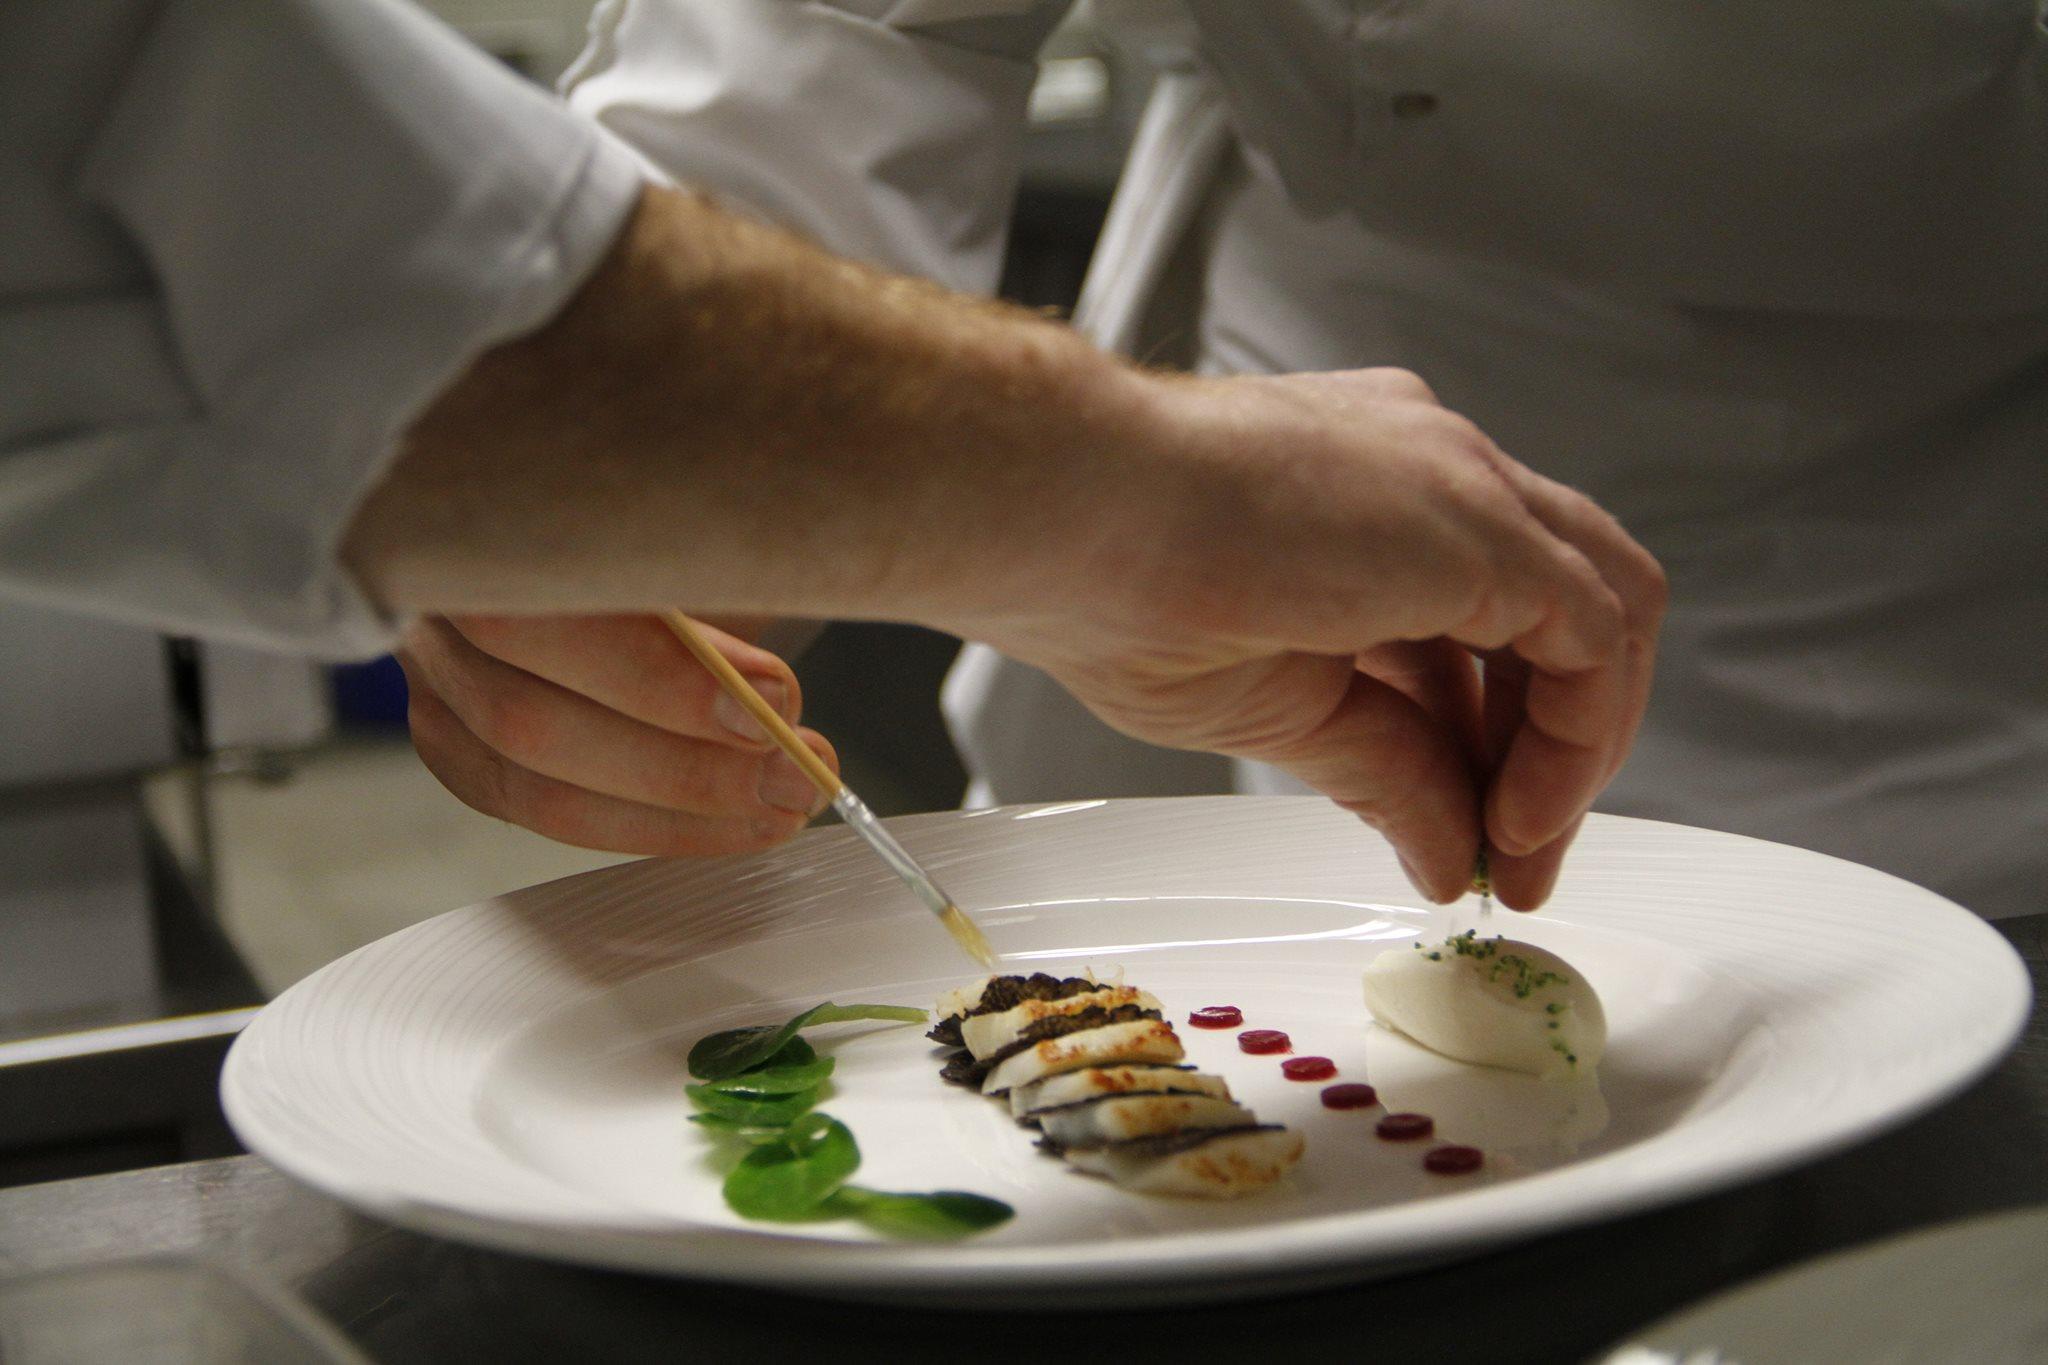 H tel royal recrute commis de cuisine d tails de l for Annonce commis de cuisine